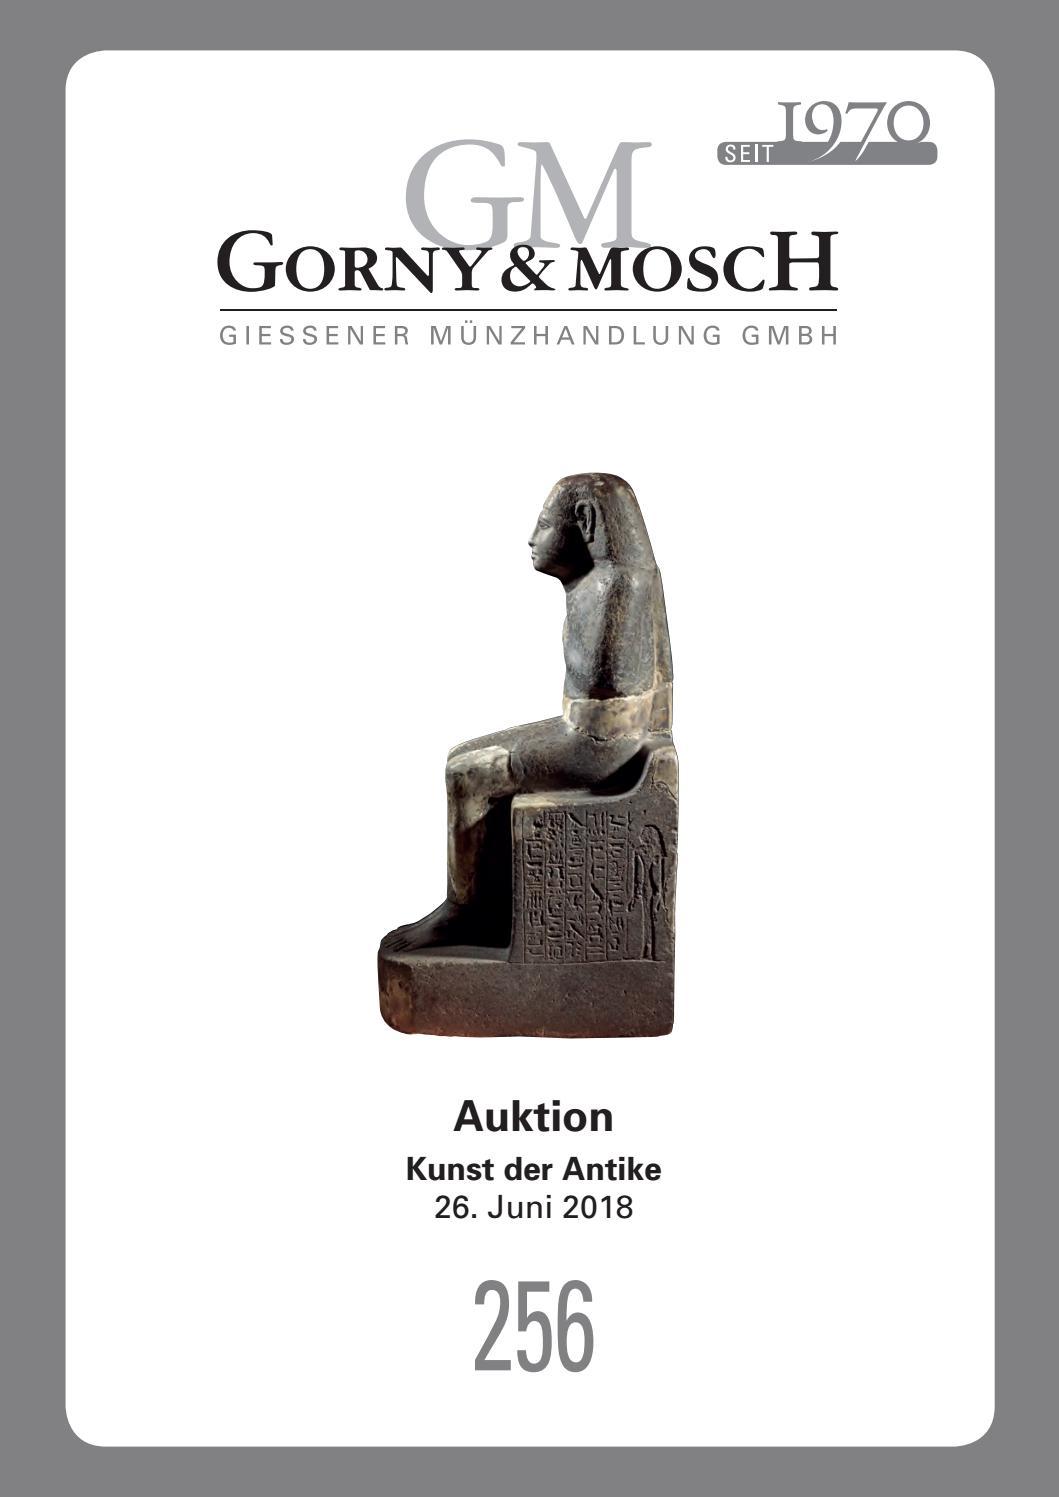 Gorny Mosch Auktionskatalog 256 By Gorny Mosch Giessener Munzhandlung Gmbh Issuu